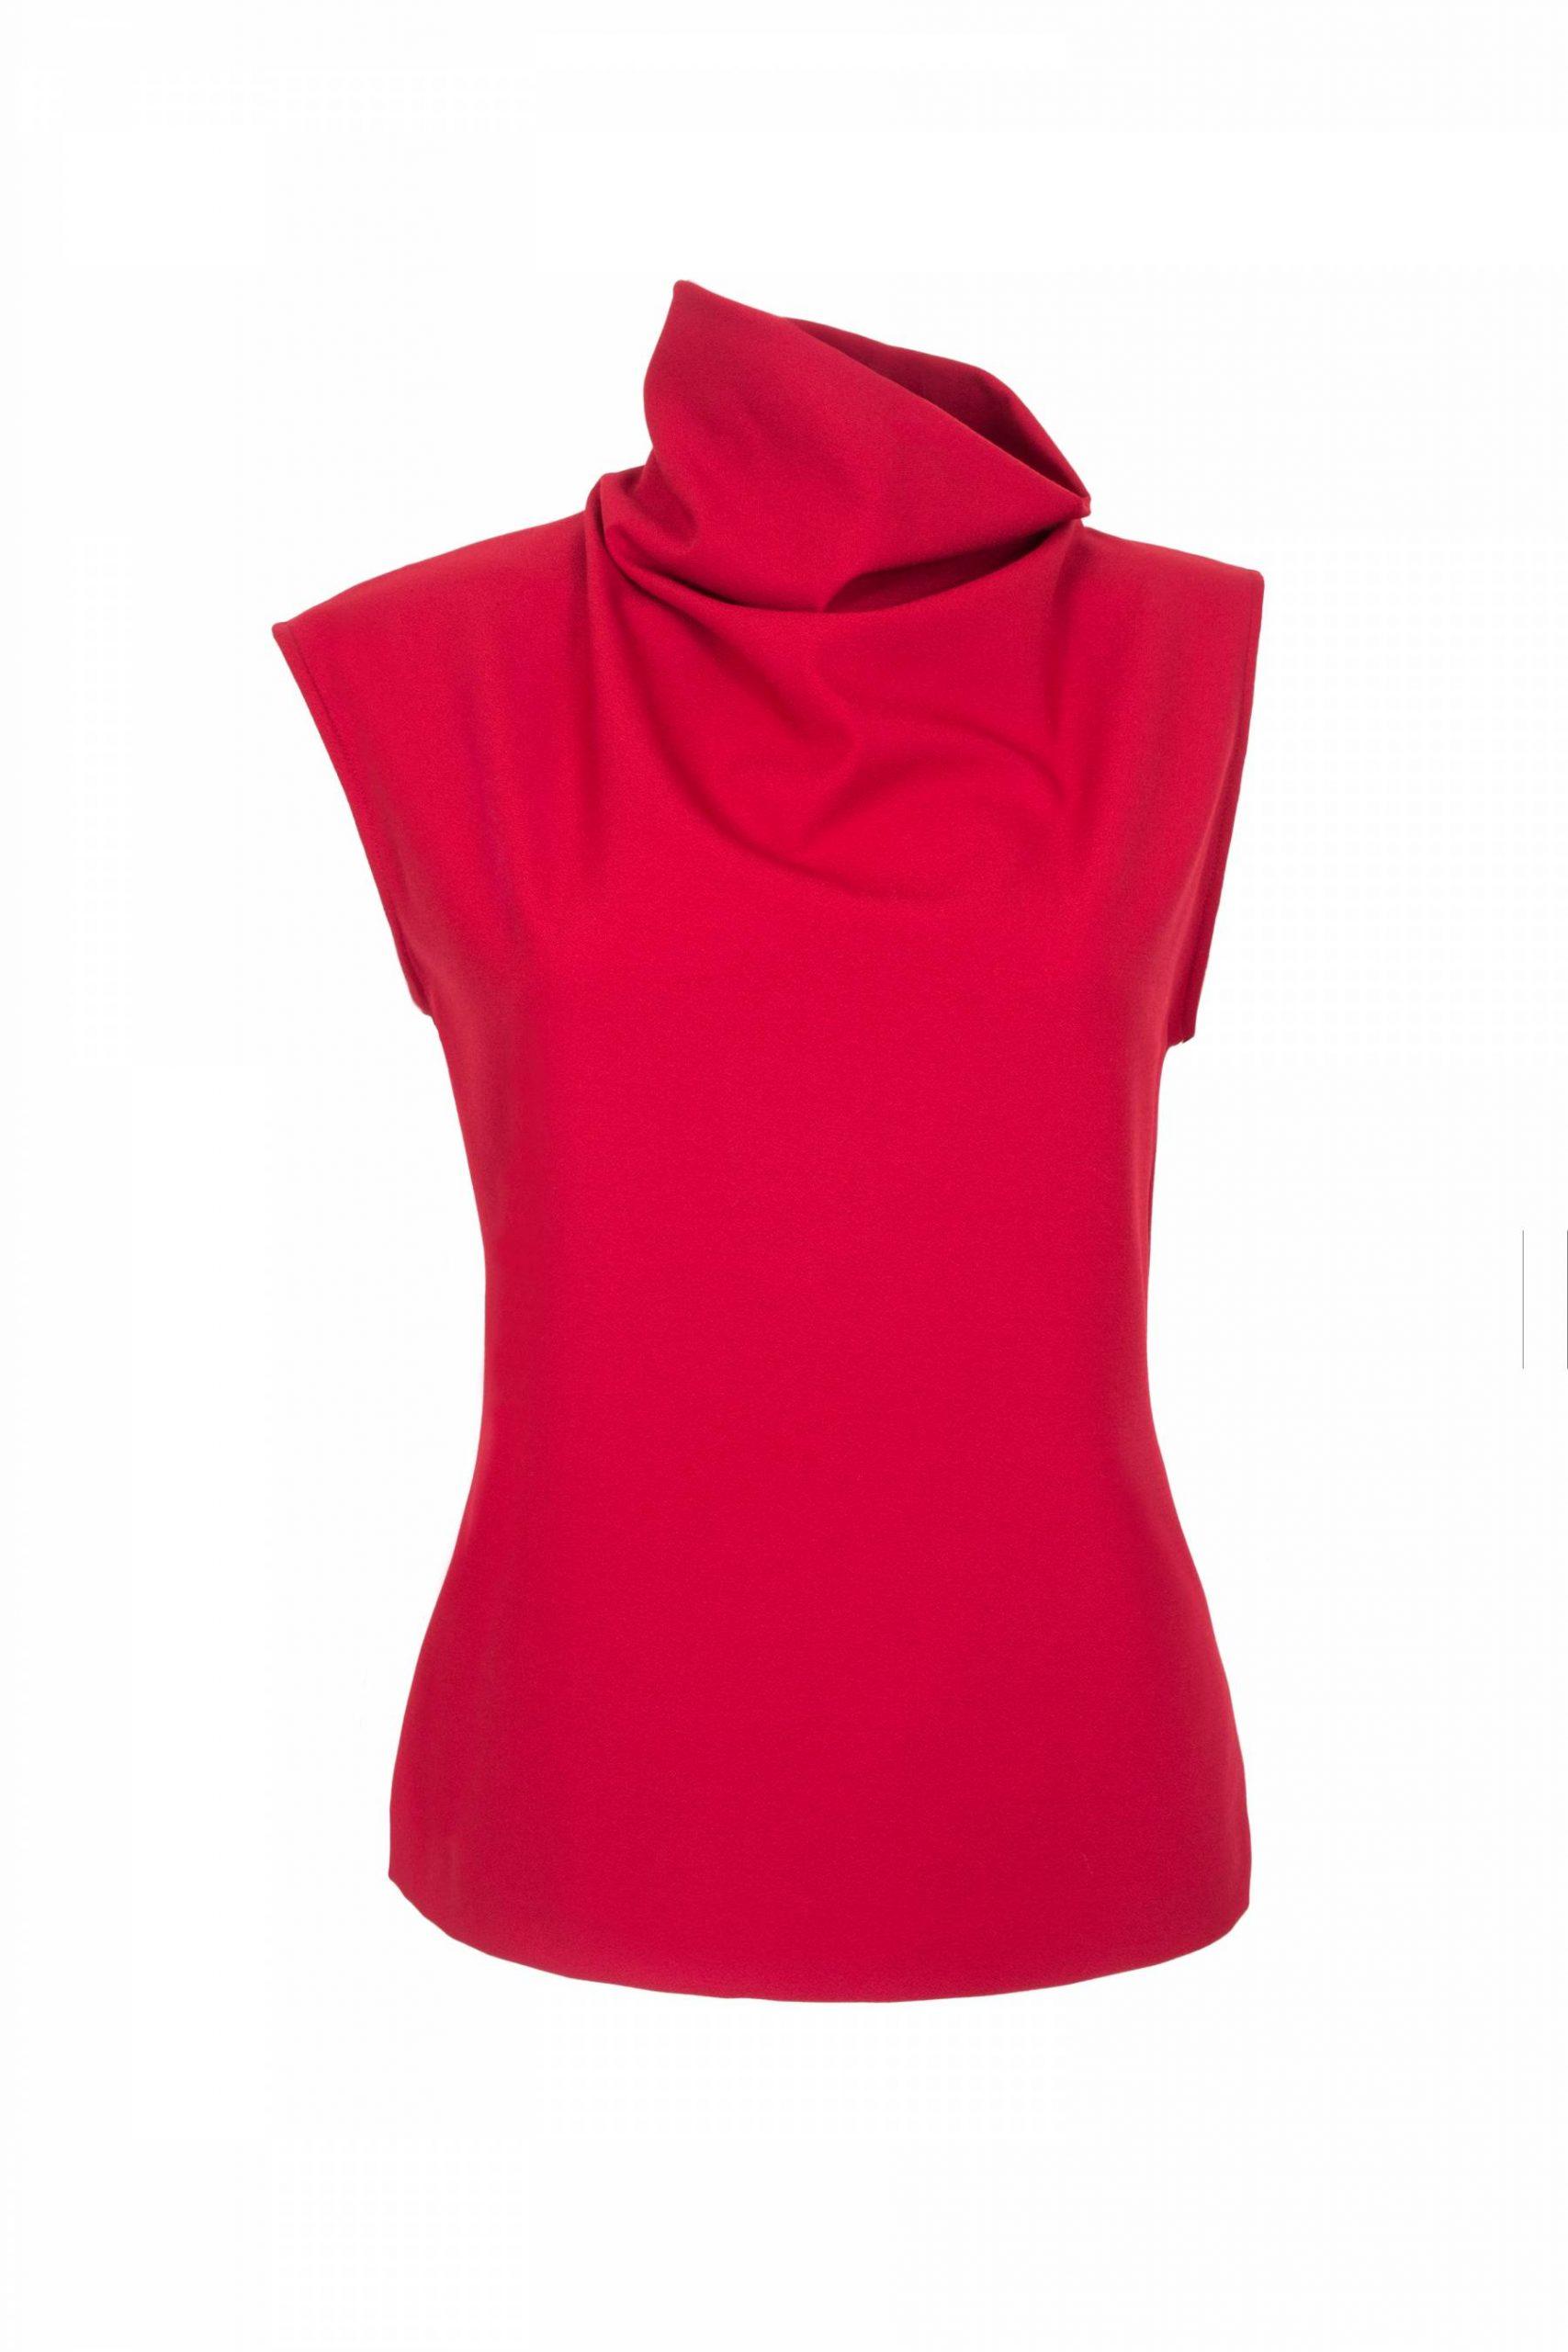 Asymmetric high neck top